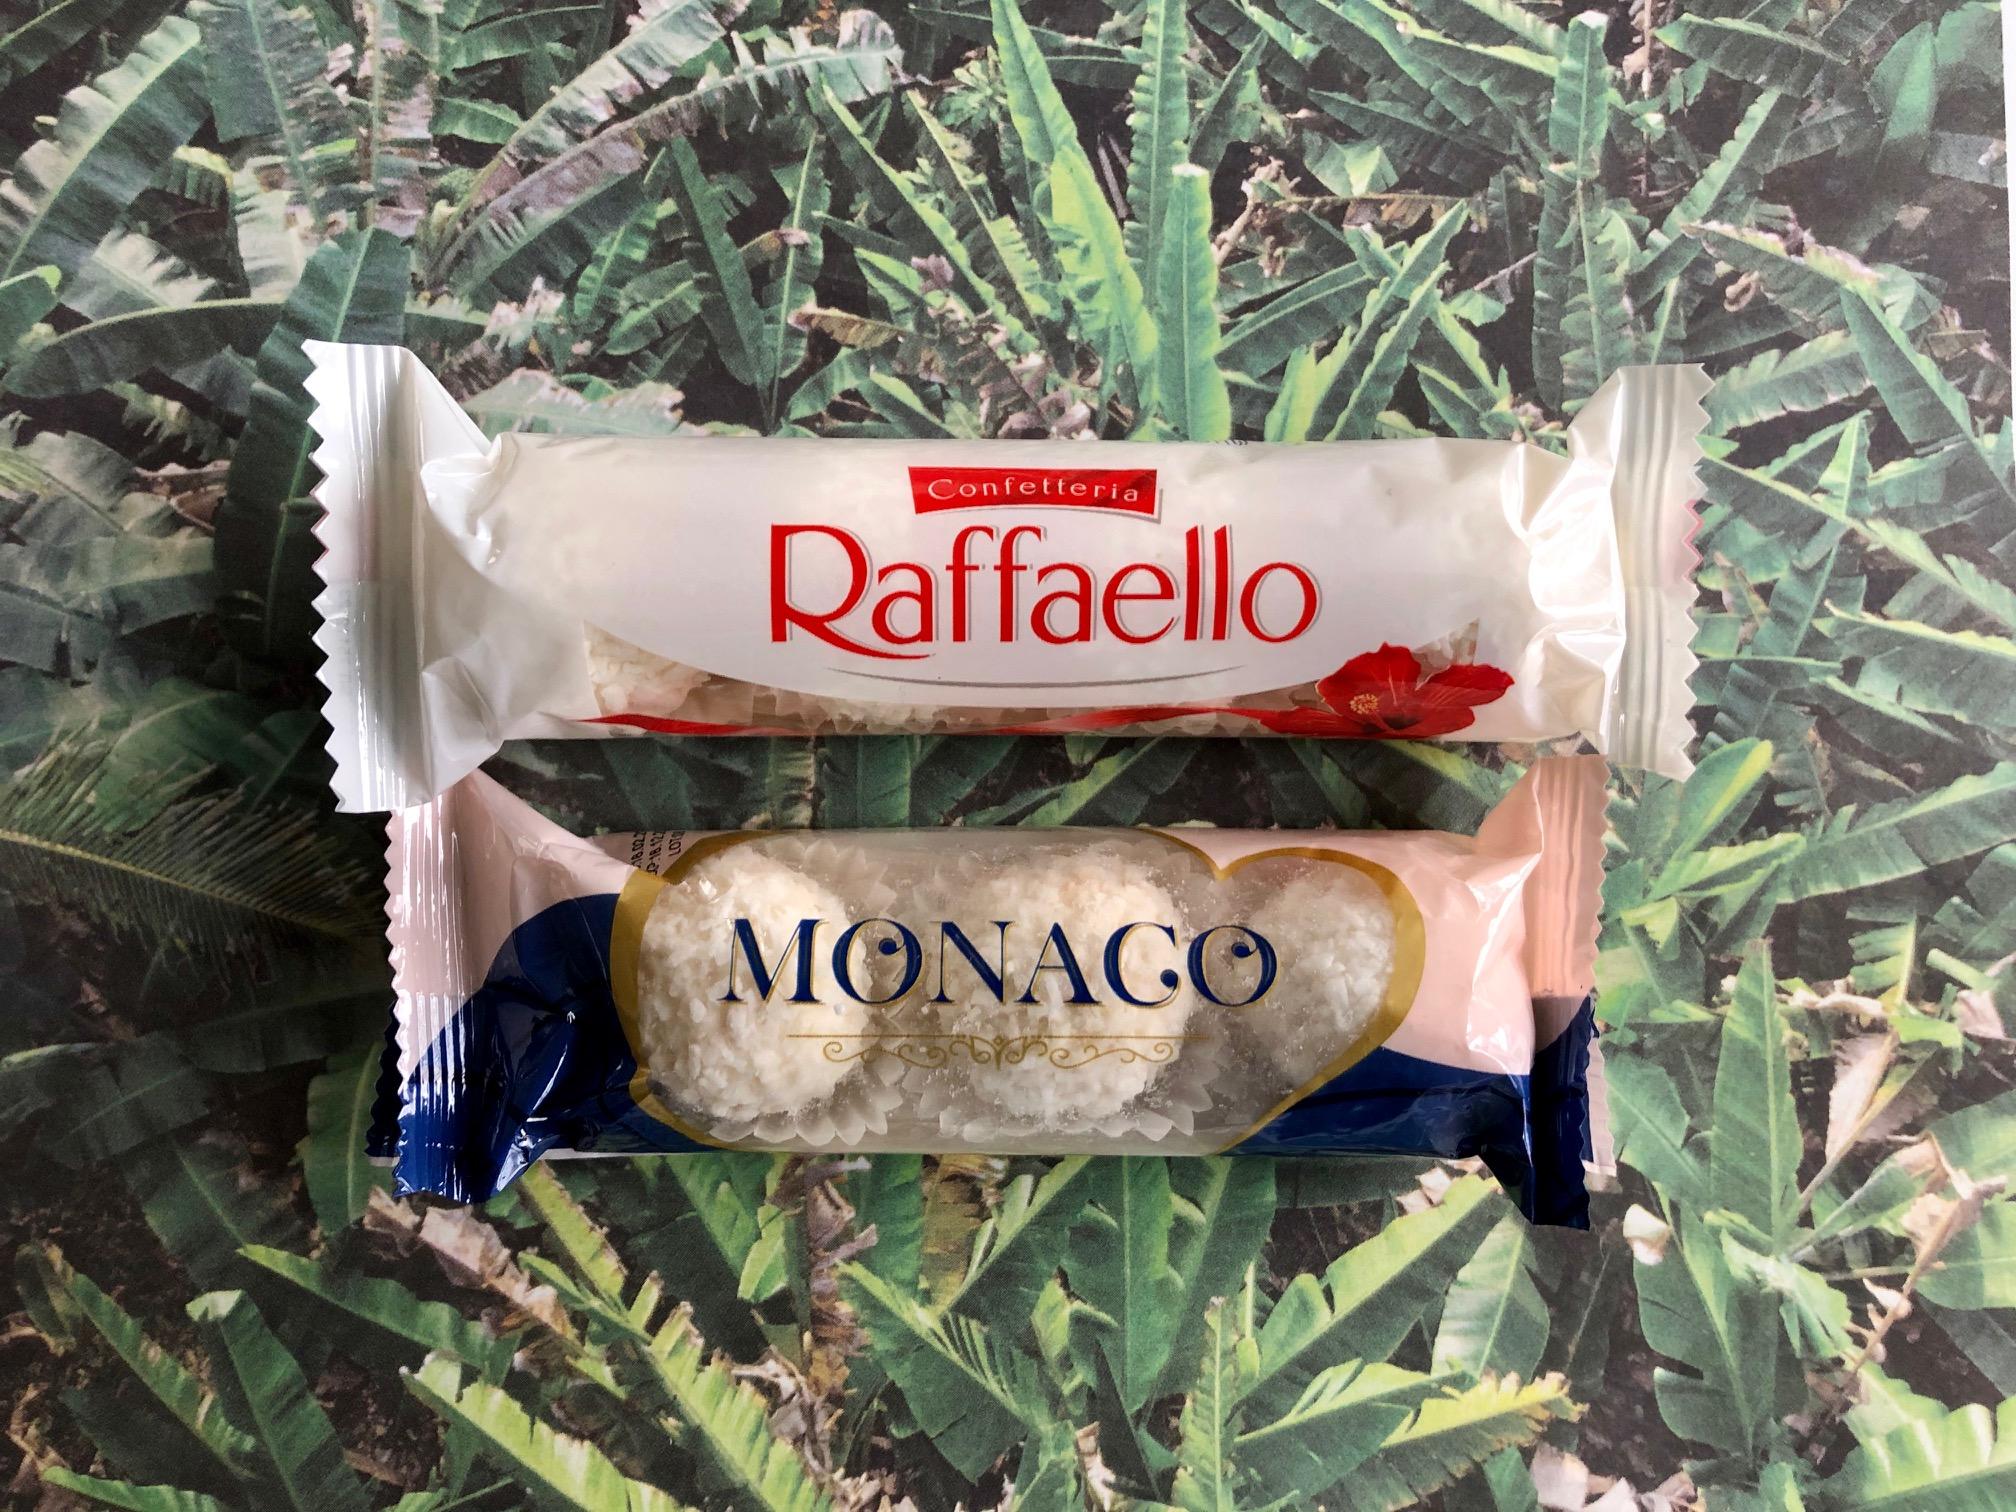 A-vs-B-Raffaello-vs-Monaco